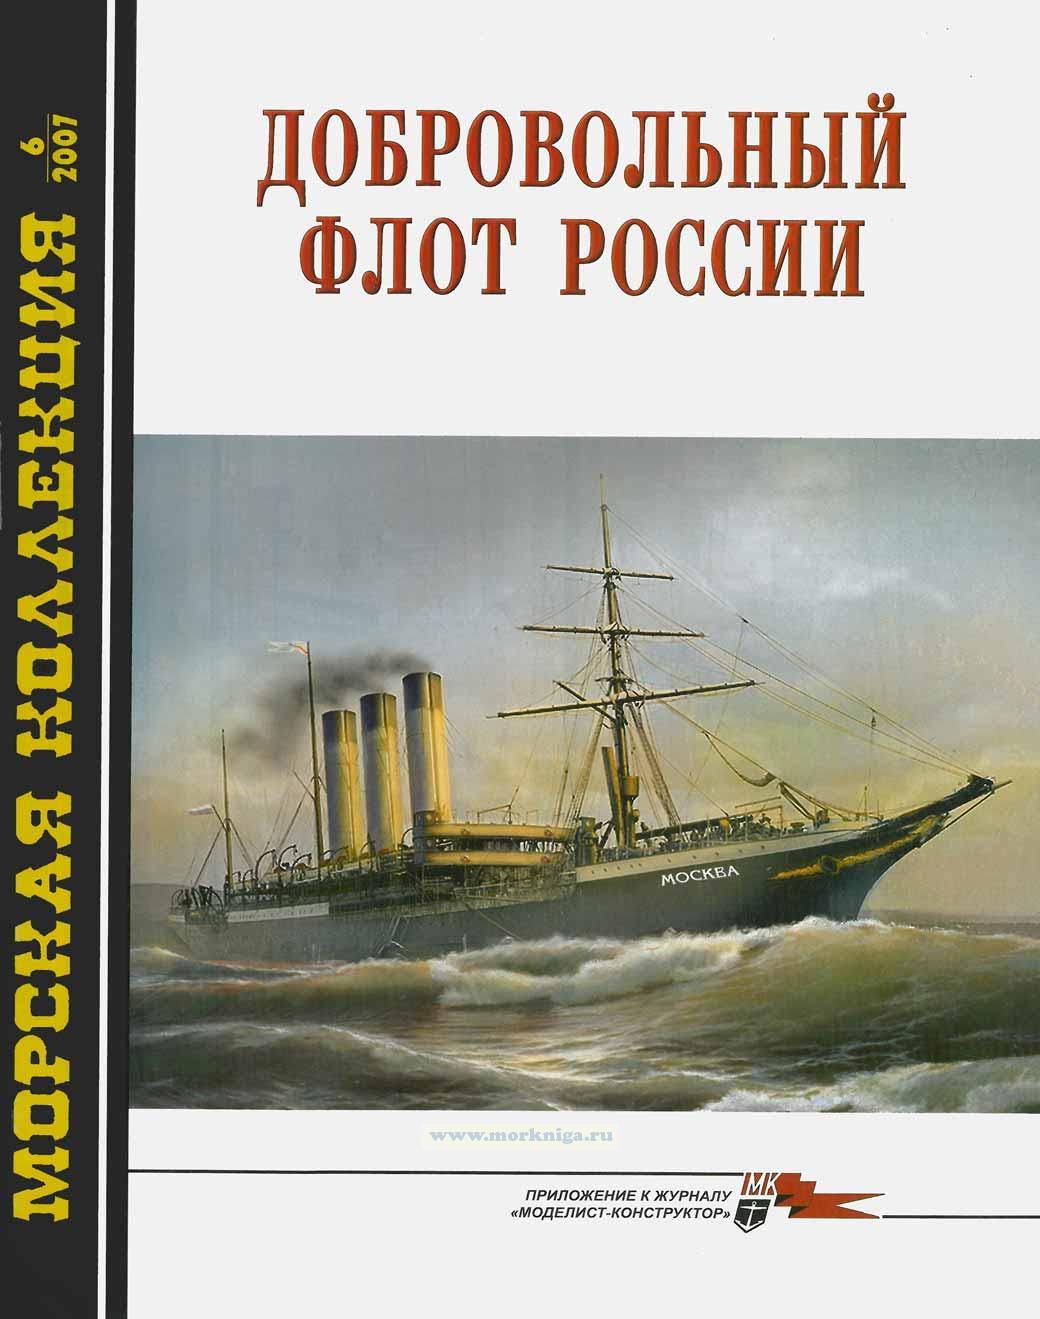 Добровольный флот России. Морская коллекция №6 (2007)